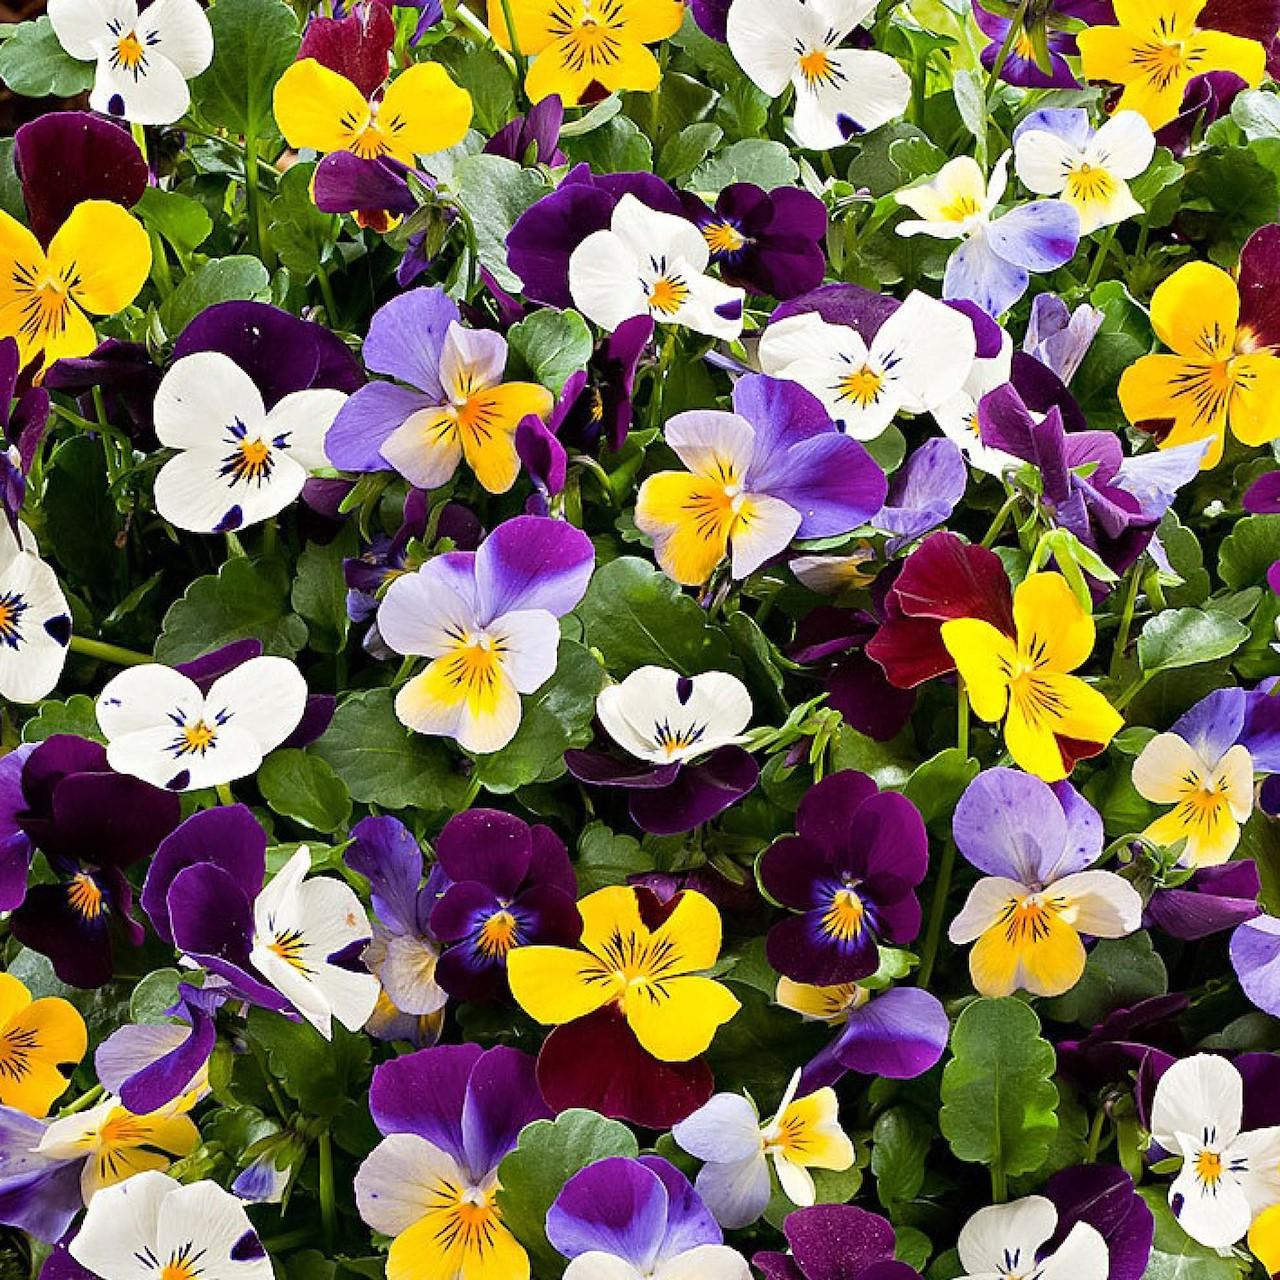 Winter Planten Voor Buiten.Top 6 Kleurrijke Winterplanten Tuincentrum Pelckmans